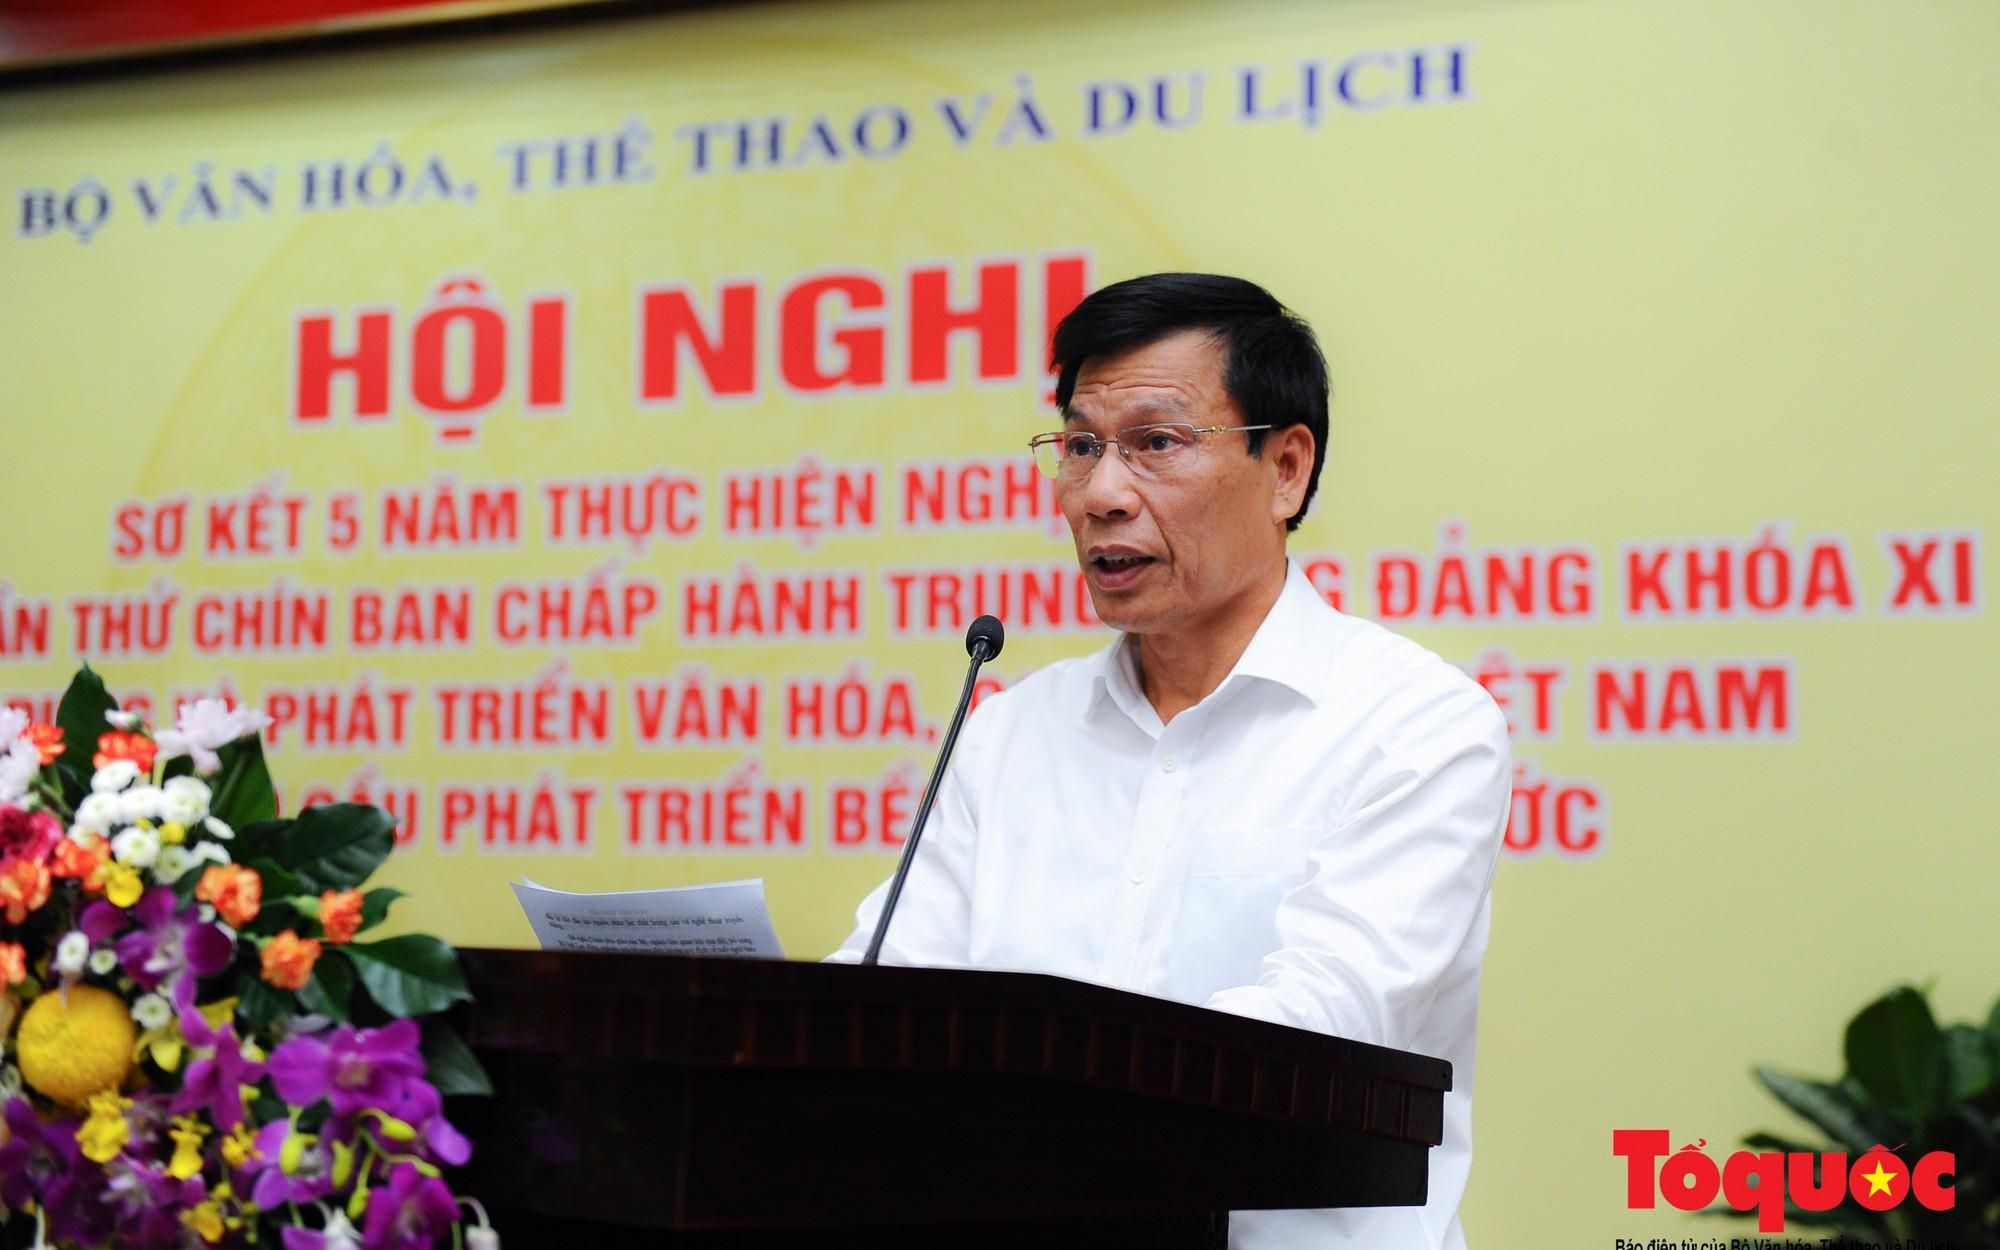 Hội nghị sơ kết thực hiện Nghị quyết số 33 về xây dựng và phát triển văn hoá, con người Việt Nam